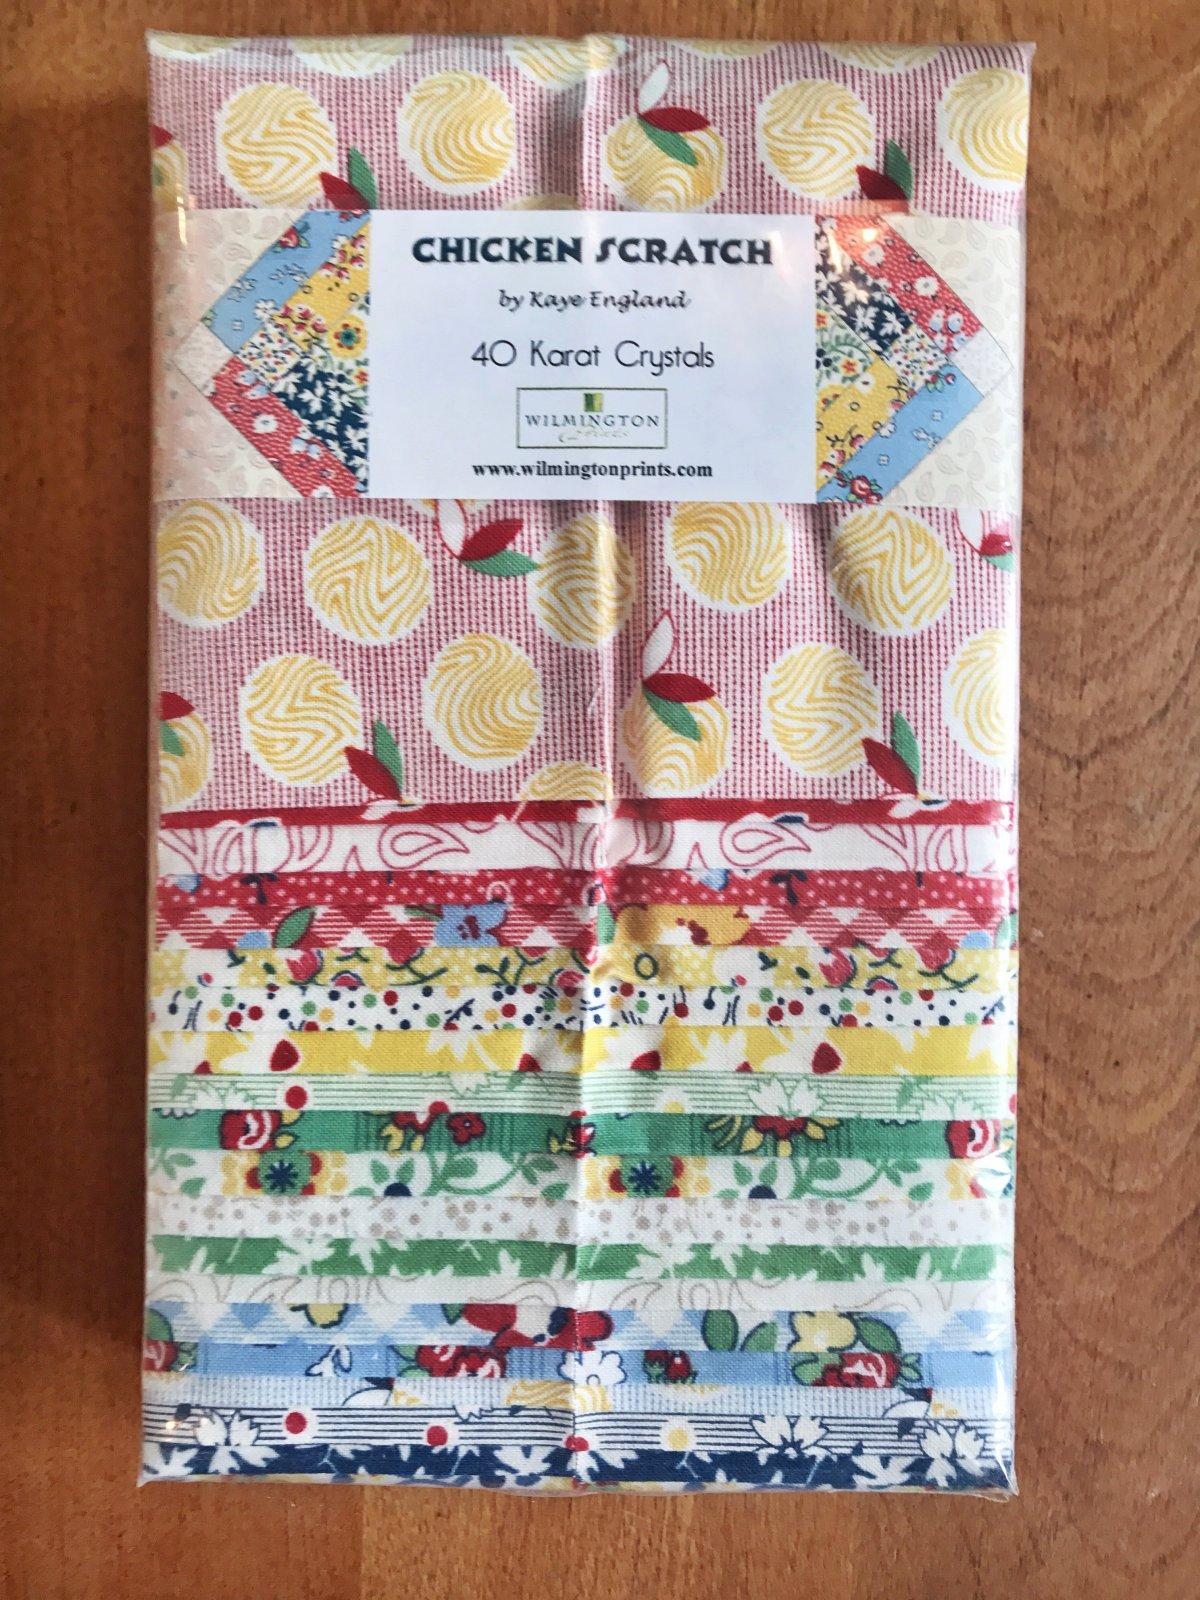 Chicken Scratch 40 Karat Crystals